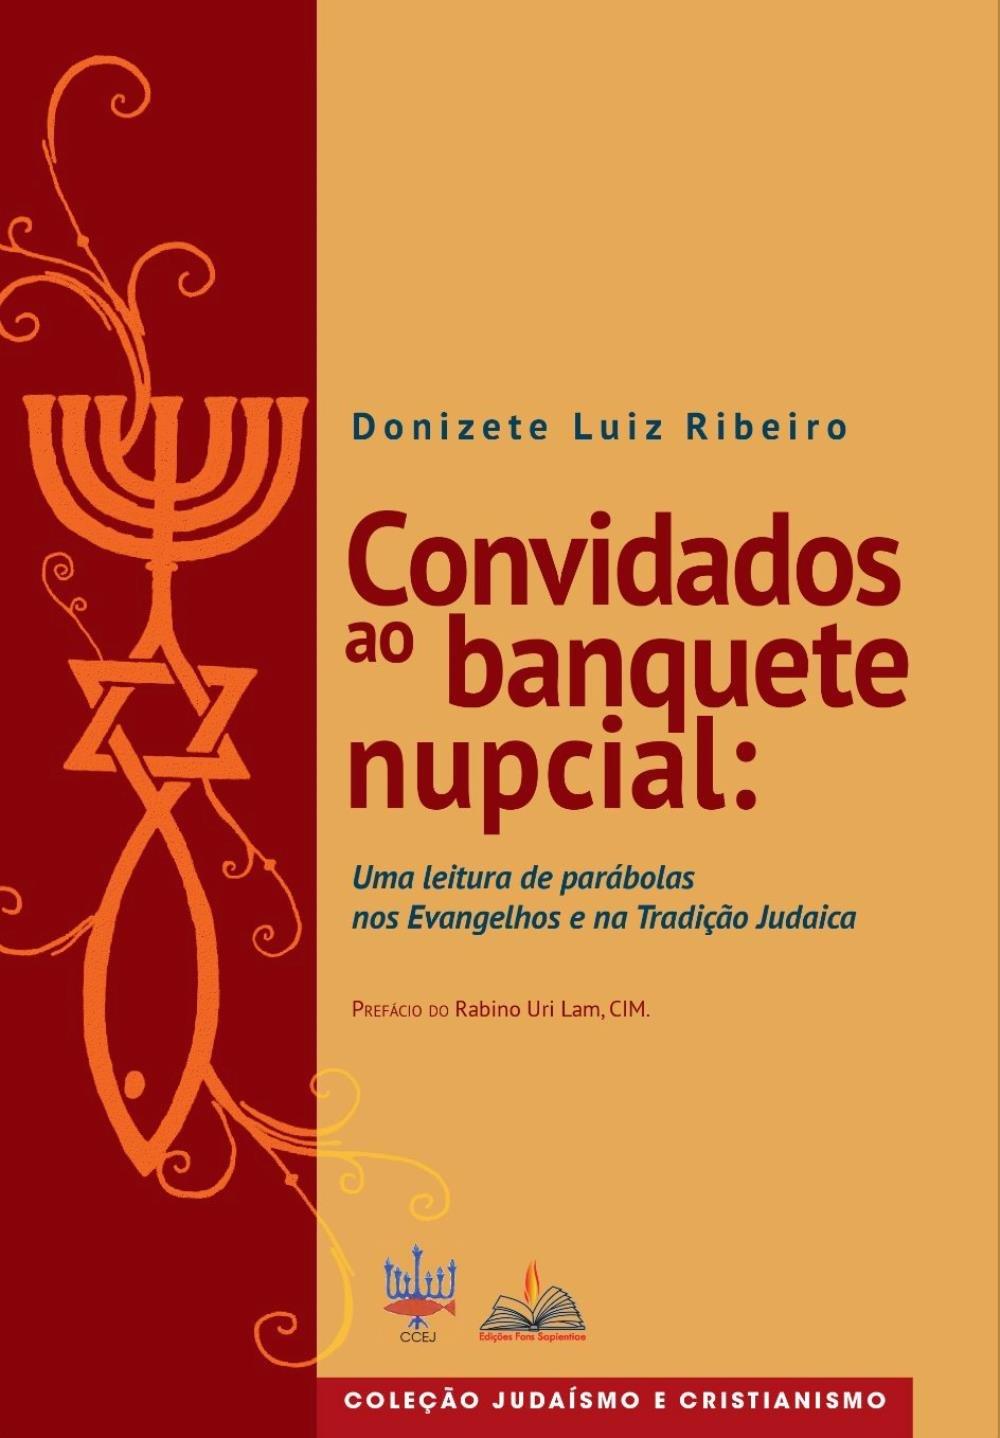 Convidados Ao Banquete Nupcial Uma Leitura De Parabolas No Evangelhos E Na Tradicao Judaica Saraiva